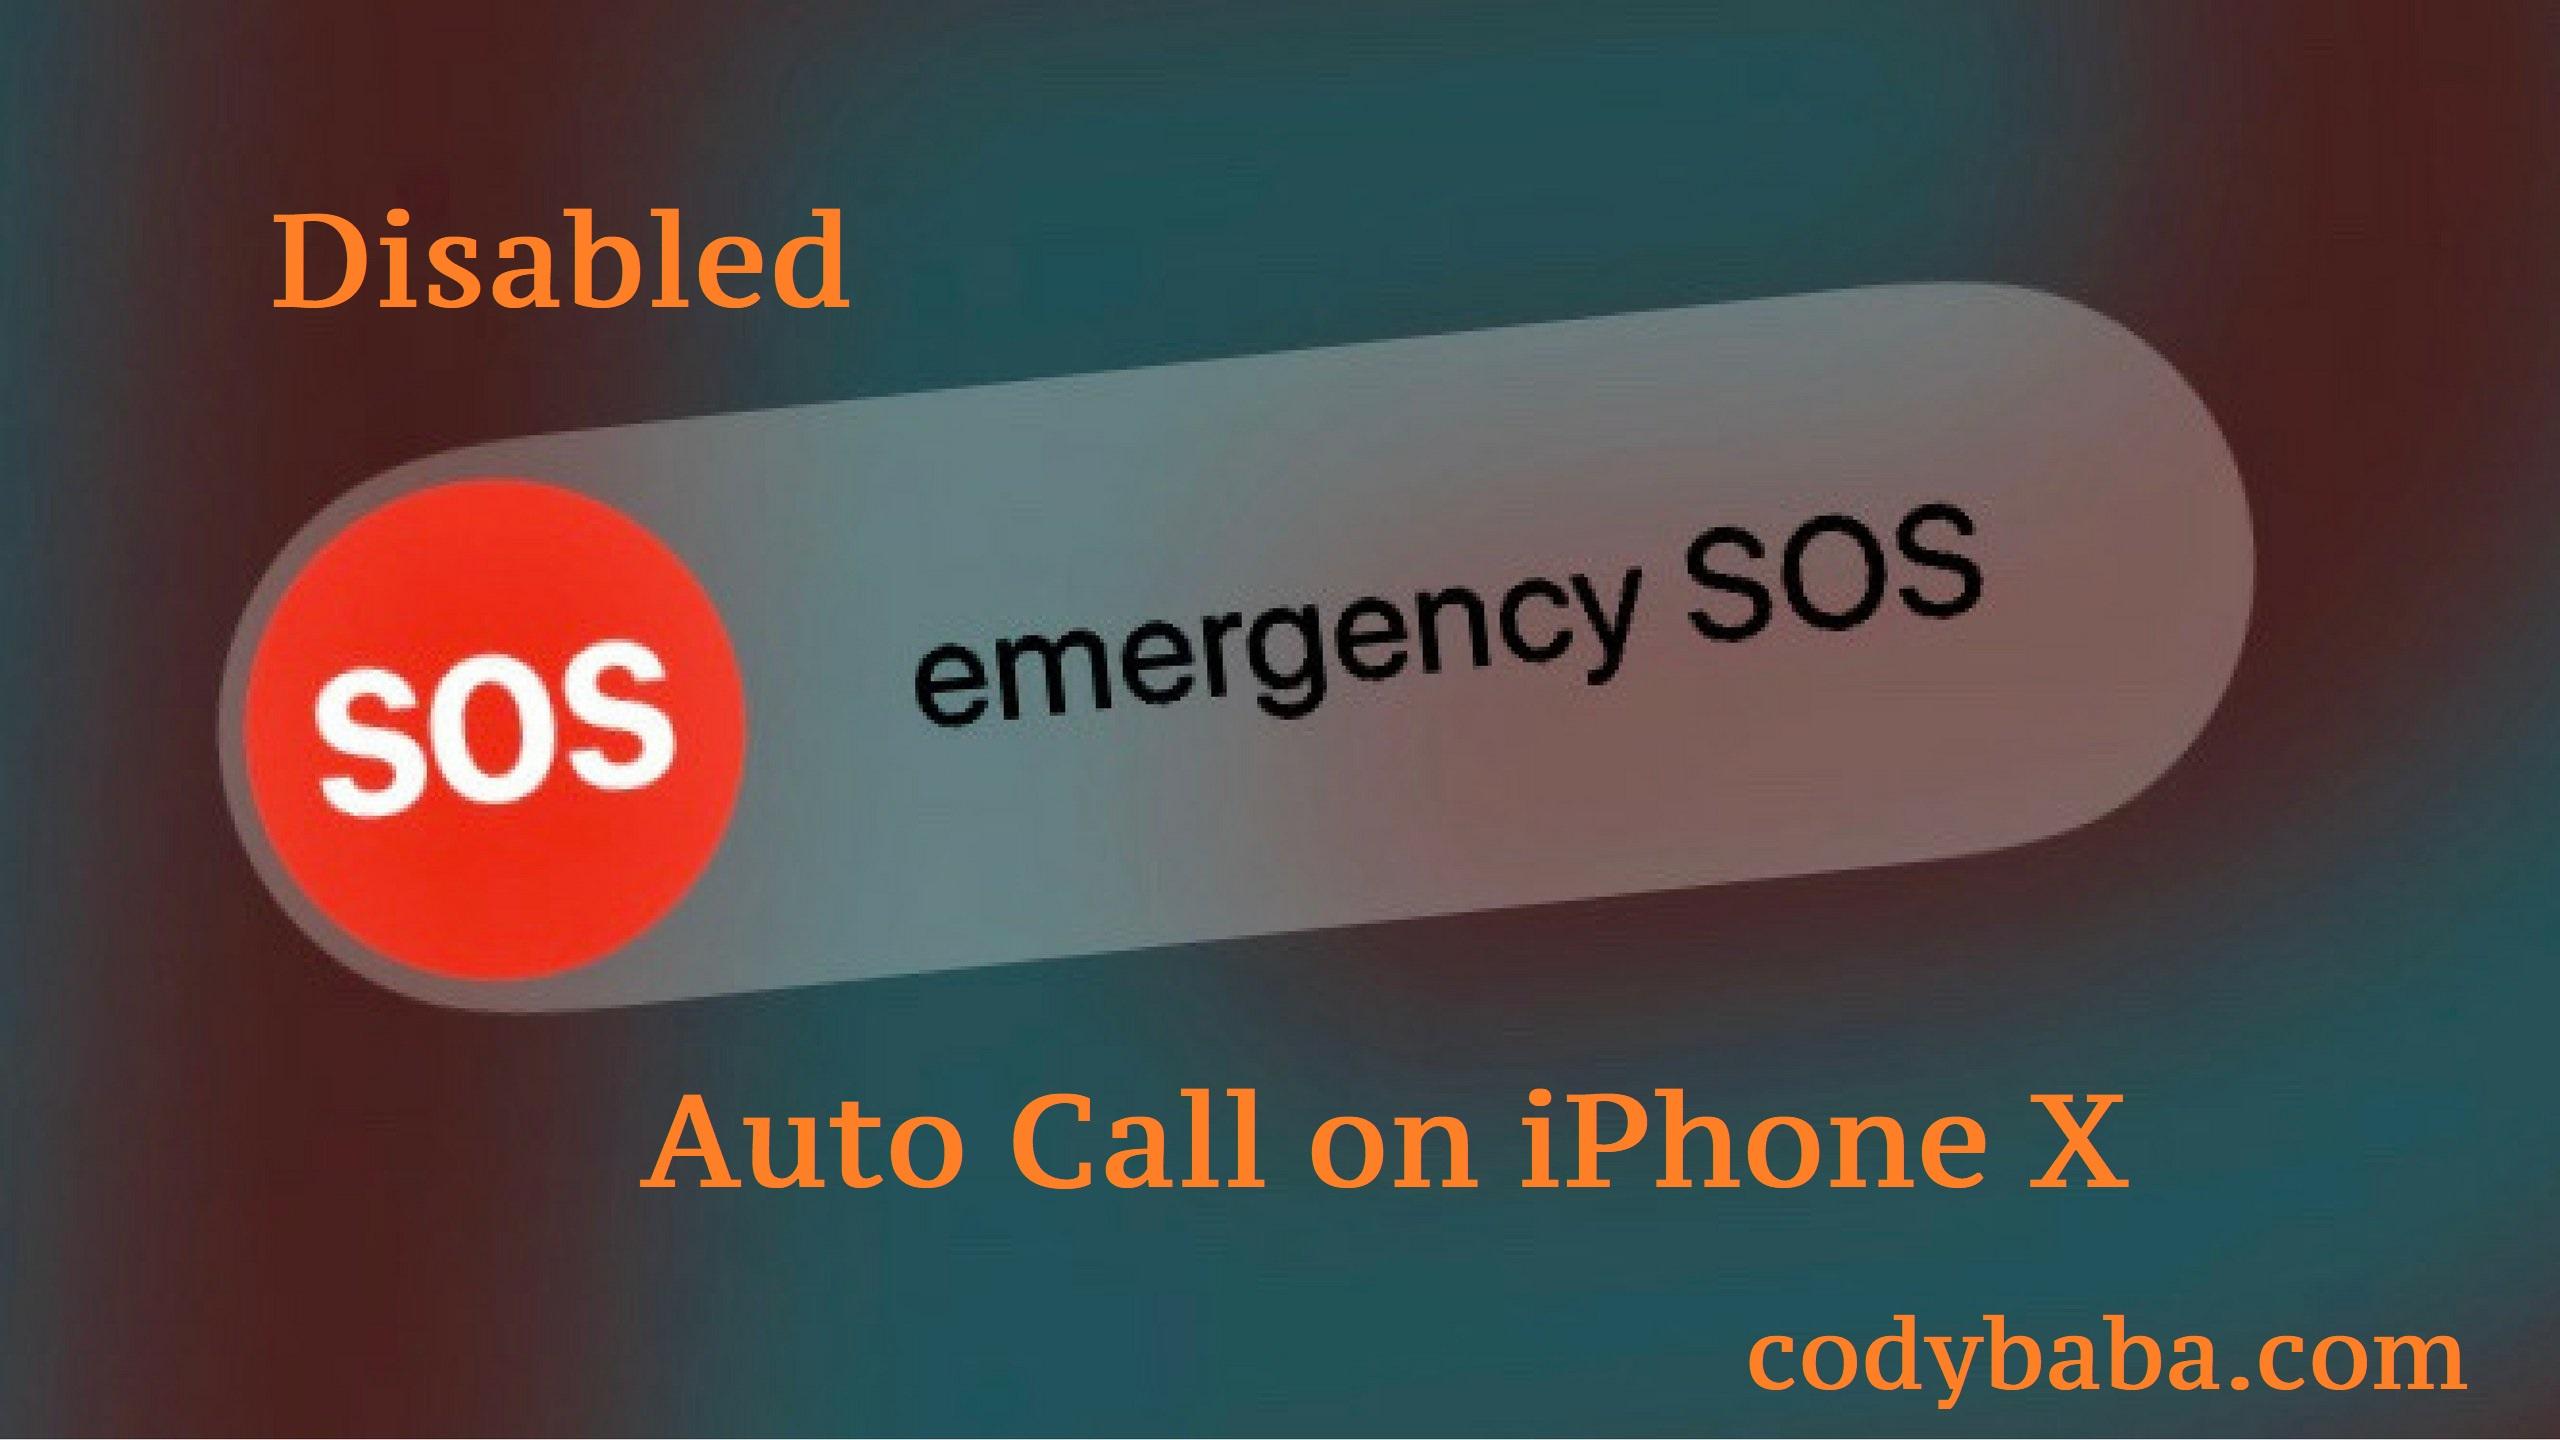 Auto call SOS